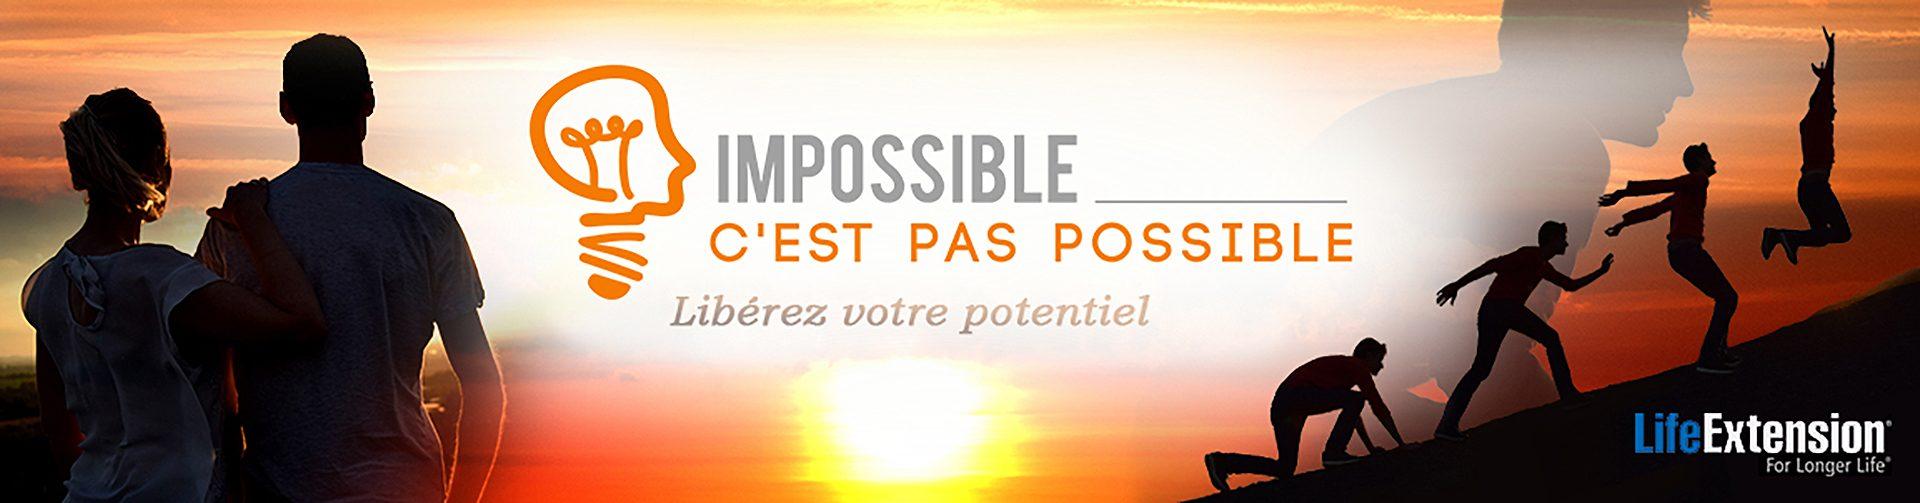 Impossible c'est pas possible